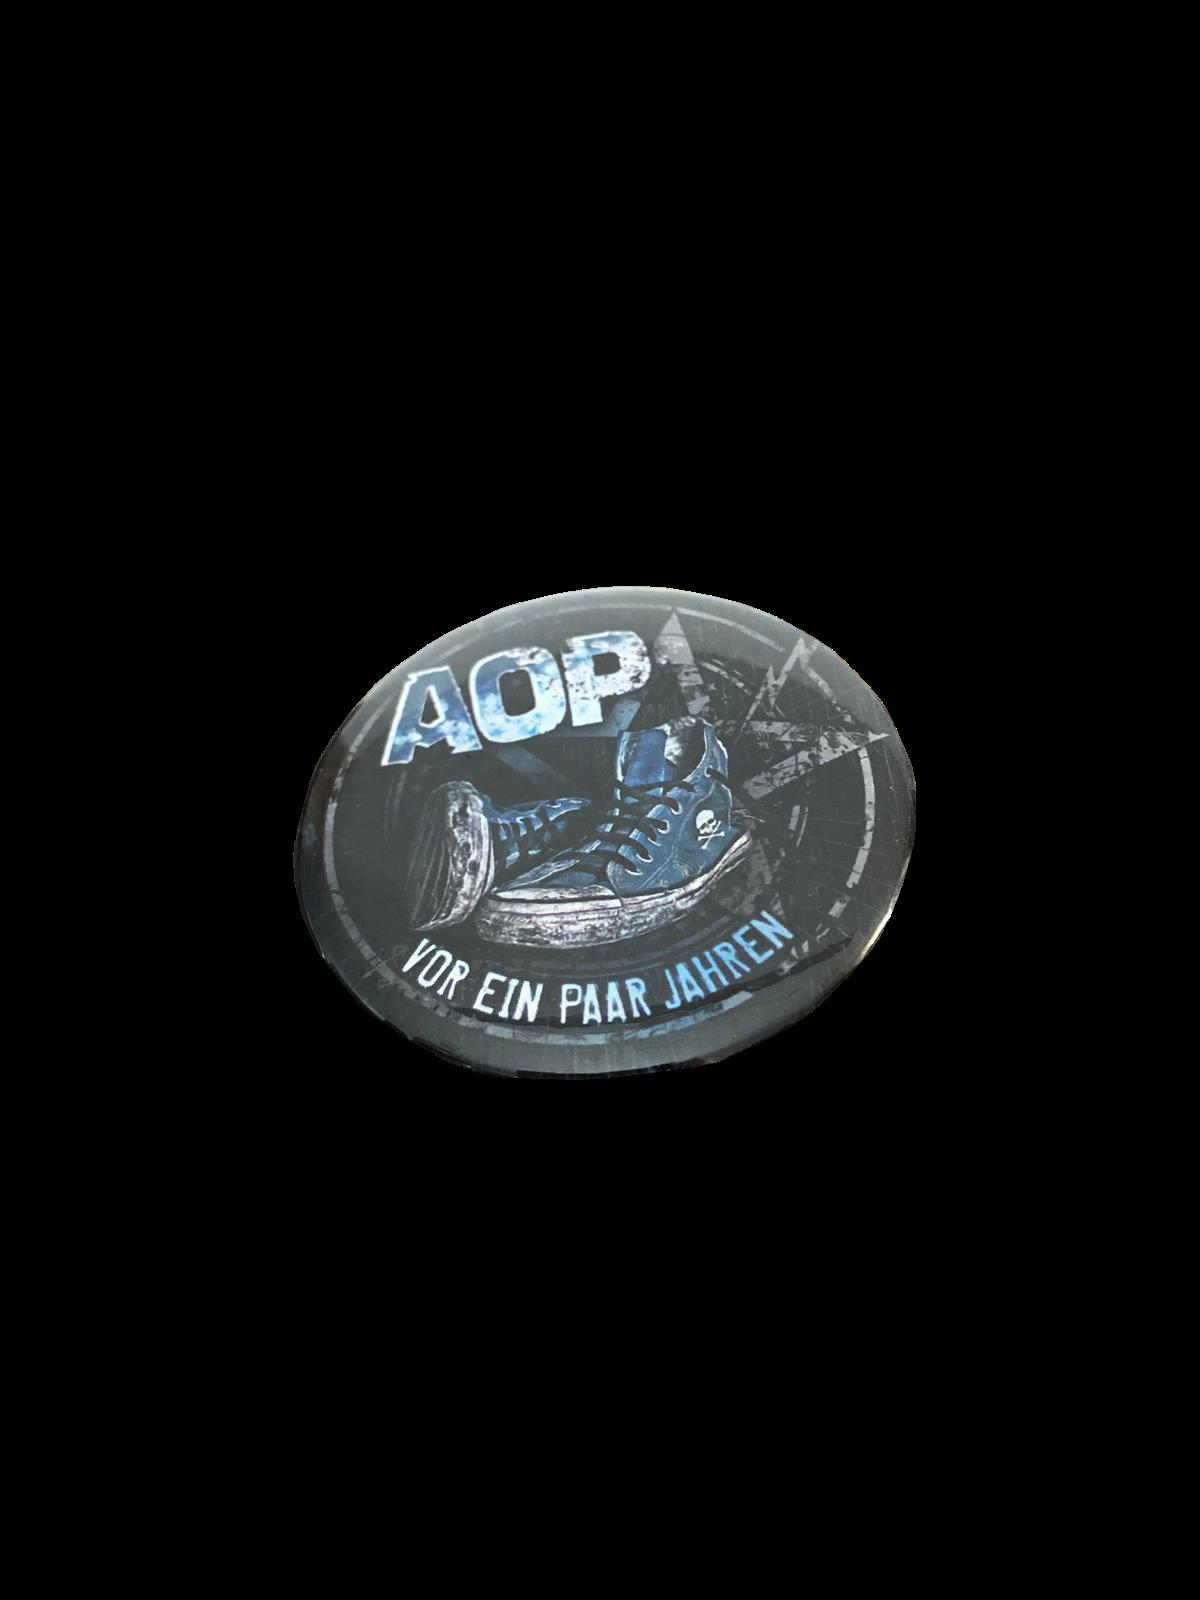 AOP – Vor ein paar Jahren – Button